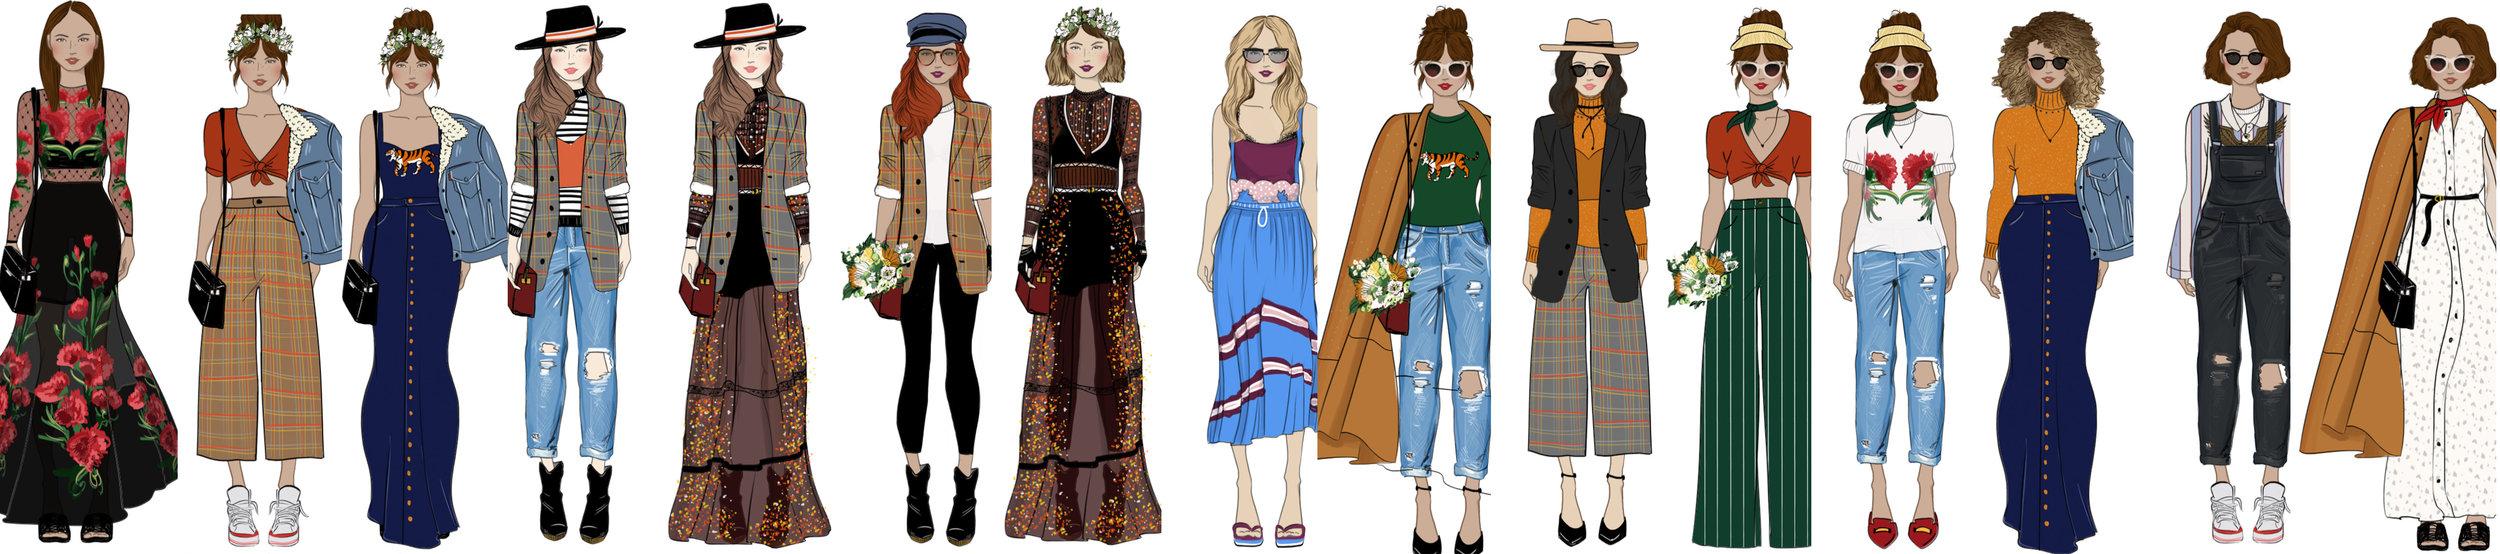 fashion options.jpg